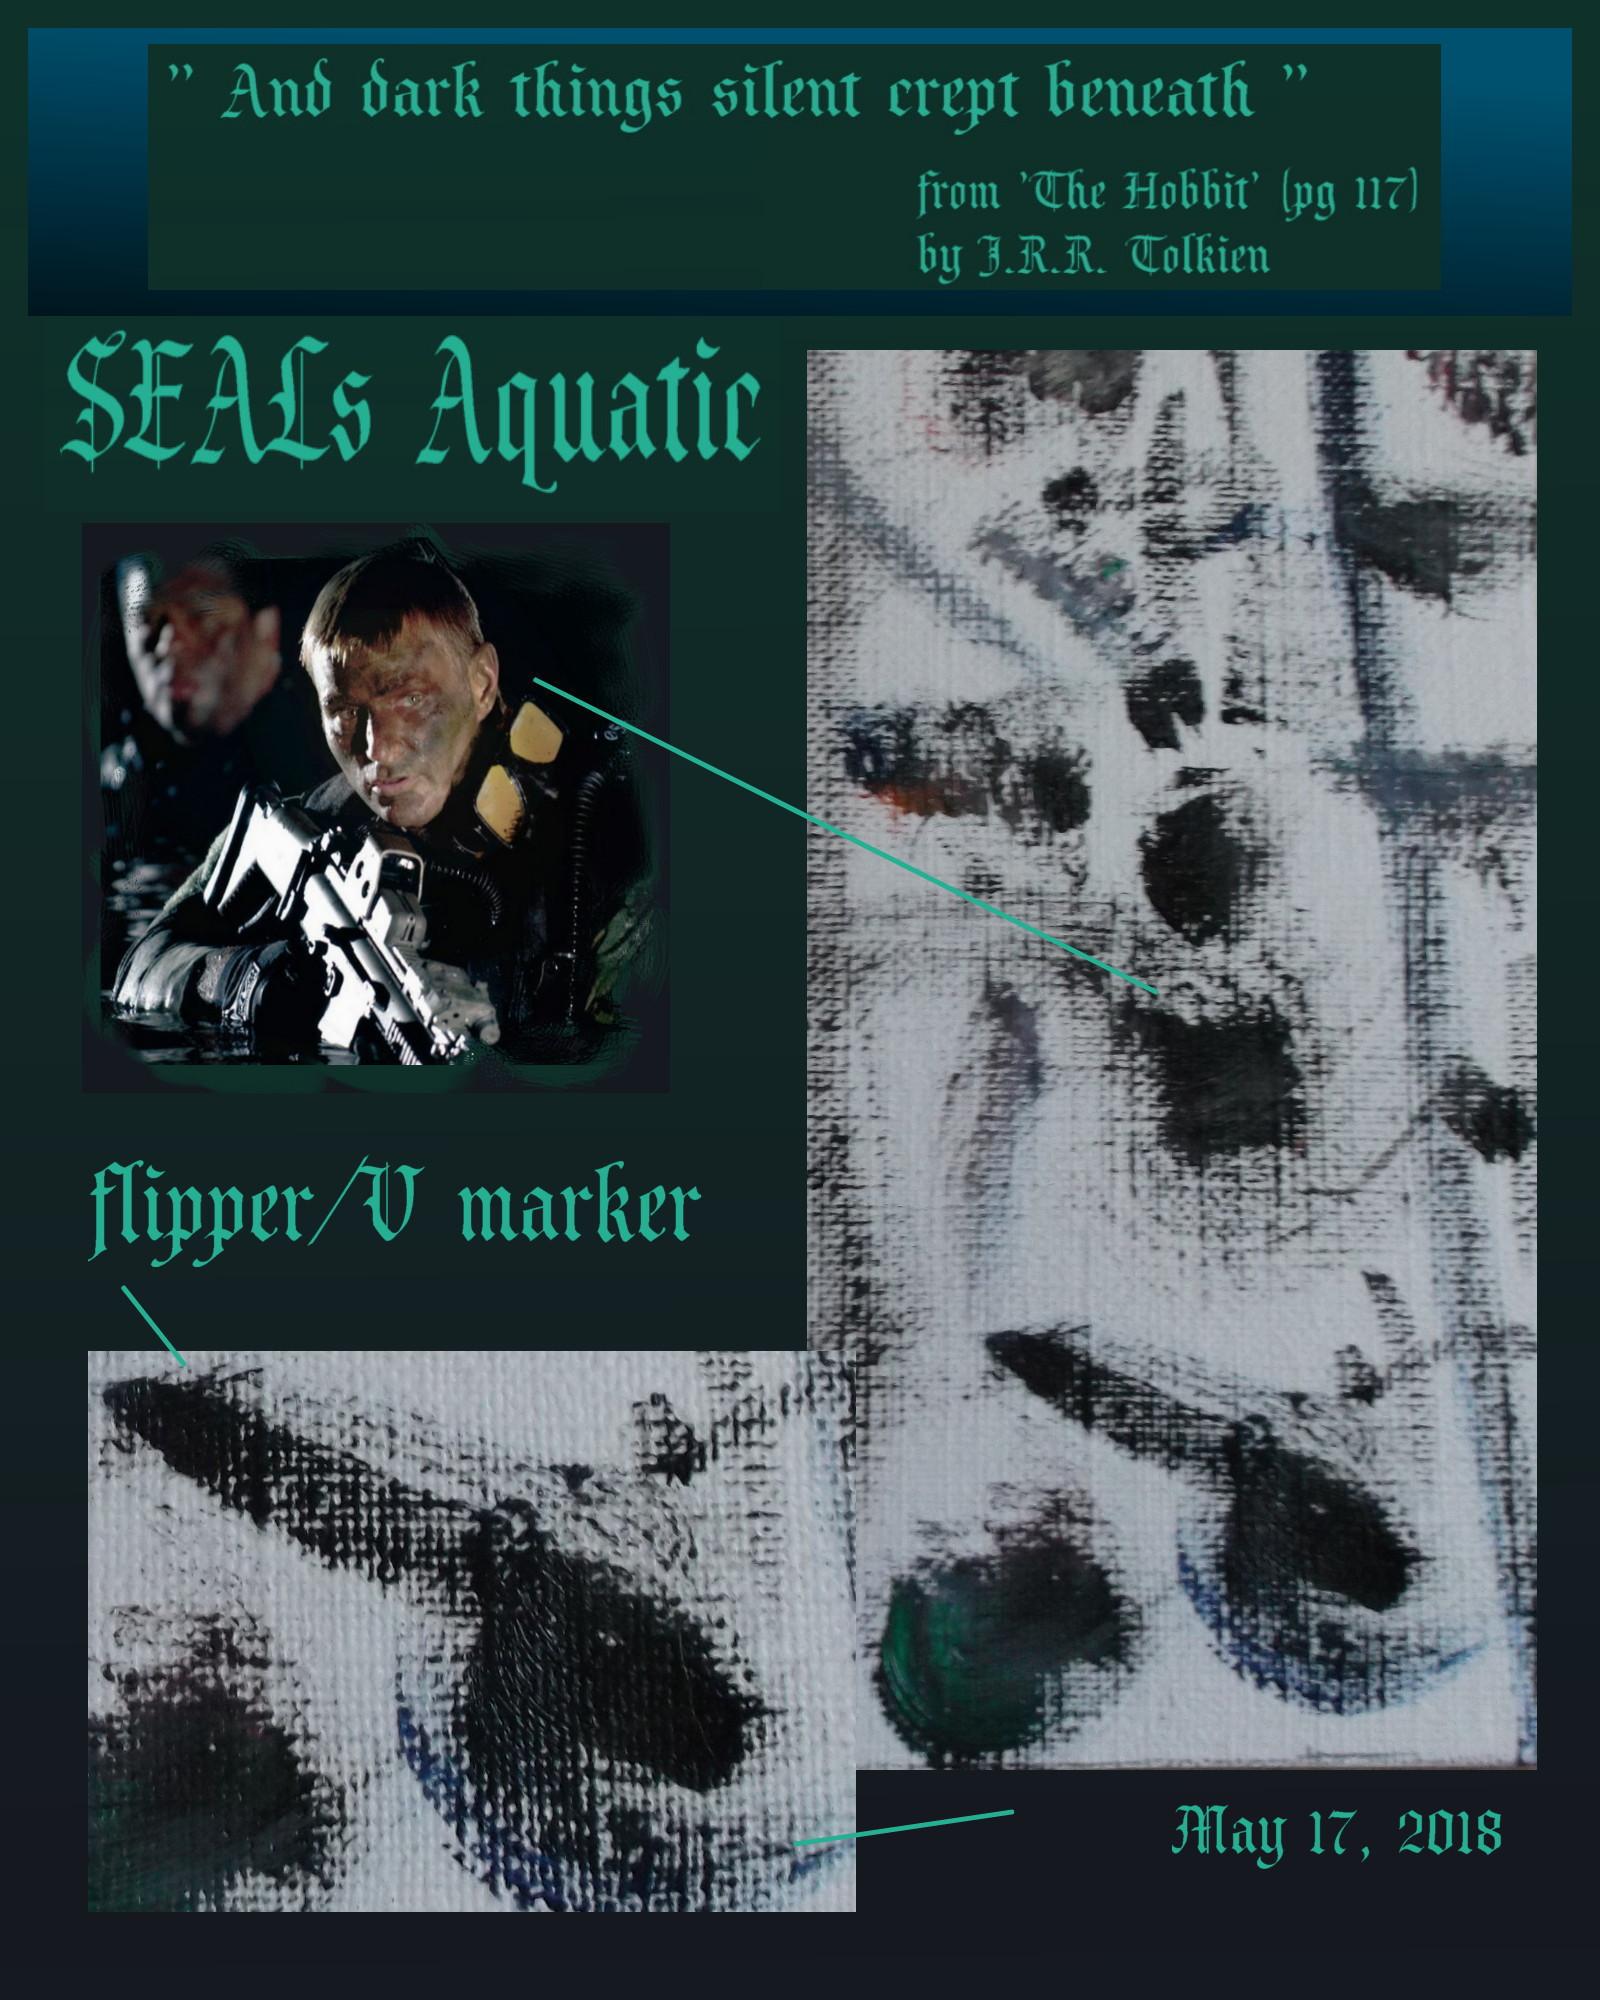 SEALs aquatic flipper V page poem